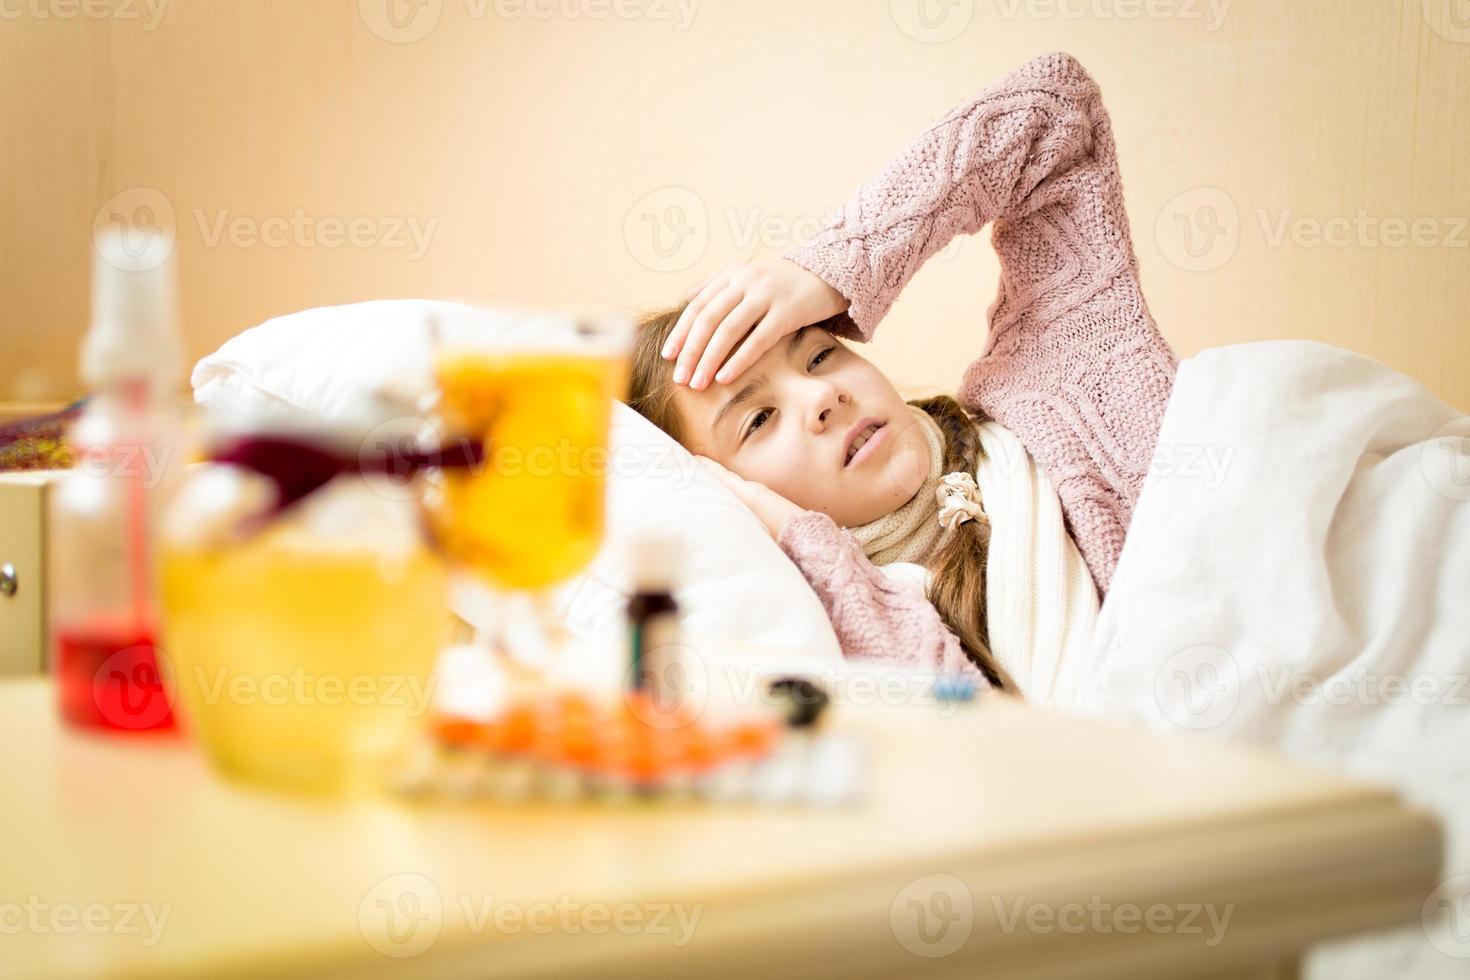 bambina malata con temperatura elevata che si trova nella camera da letto foto